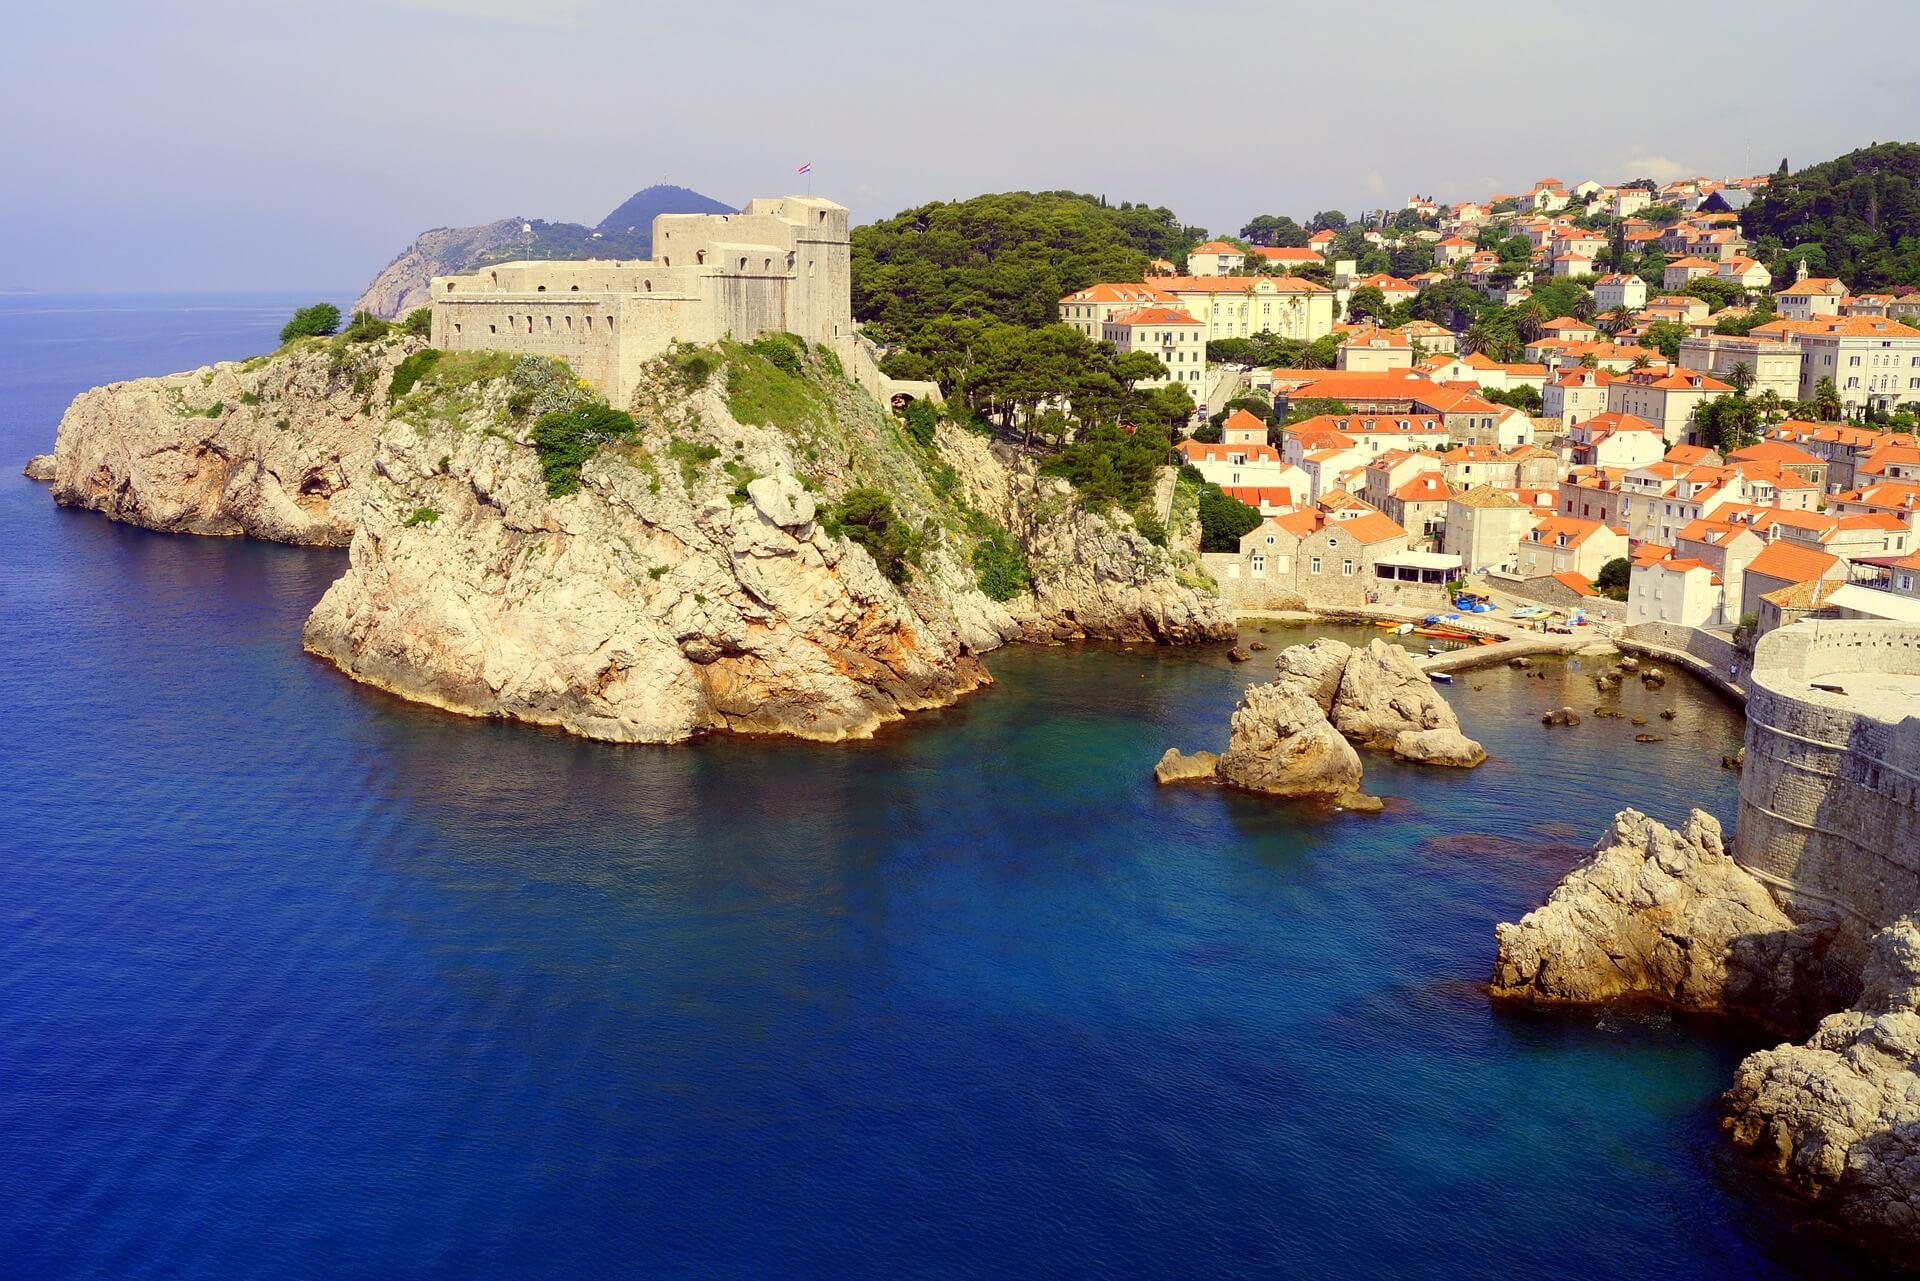 Direktflüge und Billigflüge ab Berlin-Tegel nach Dubrovnik